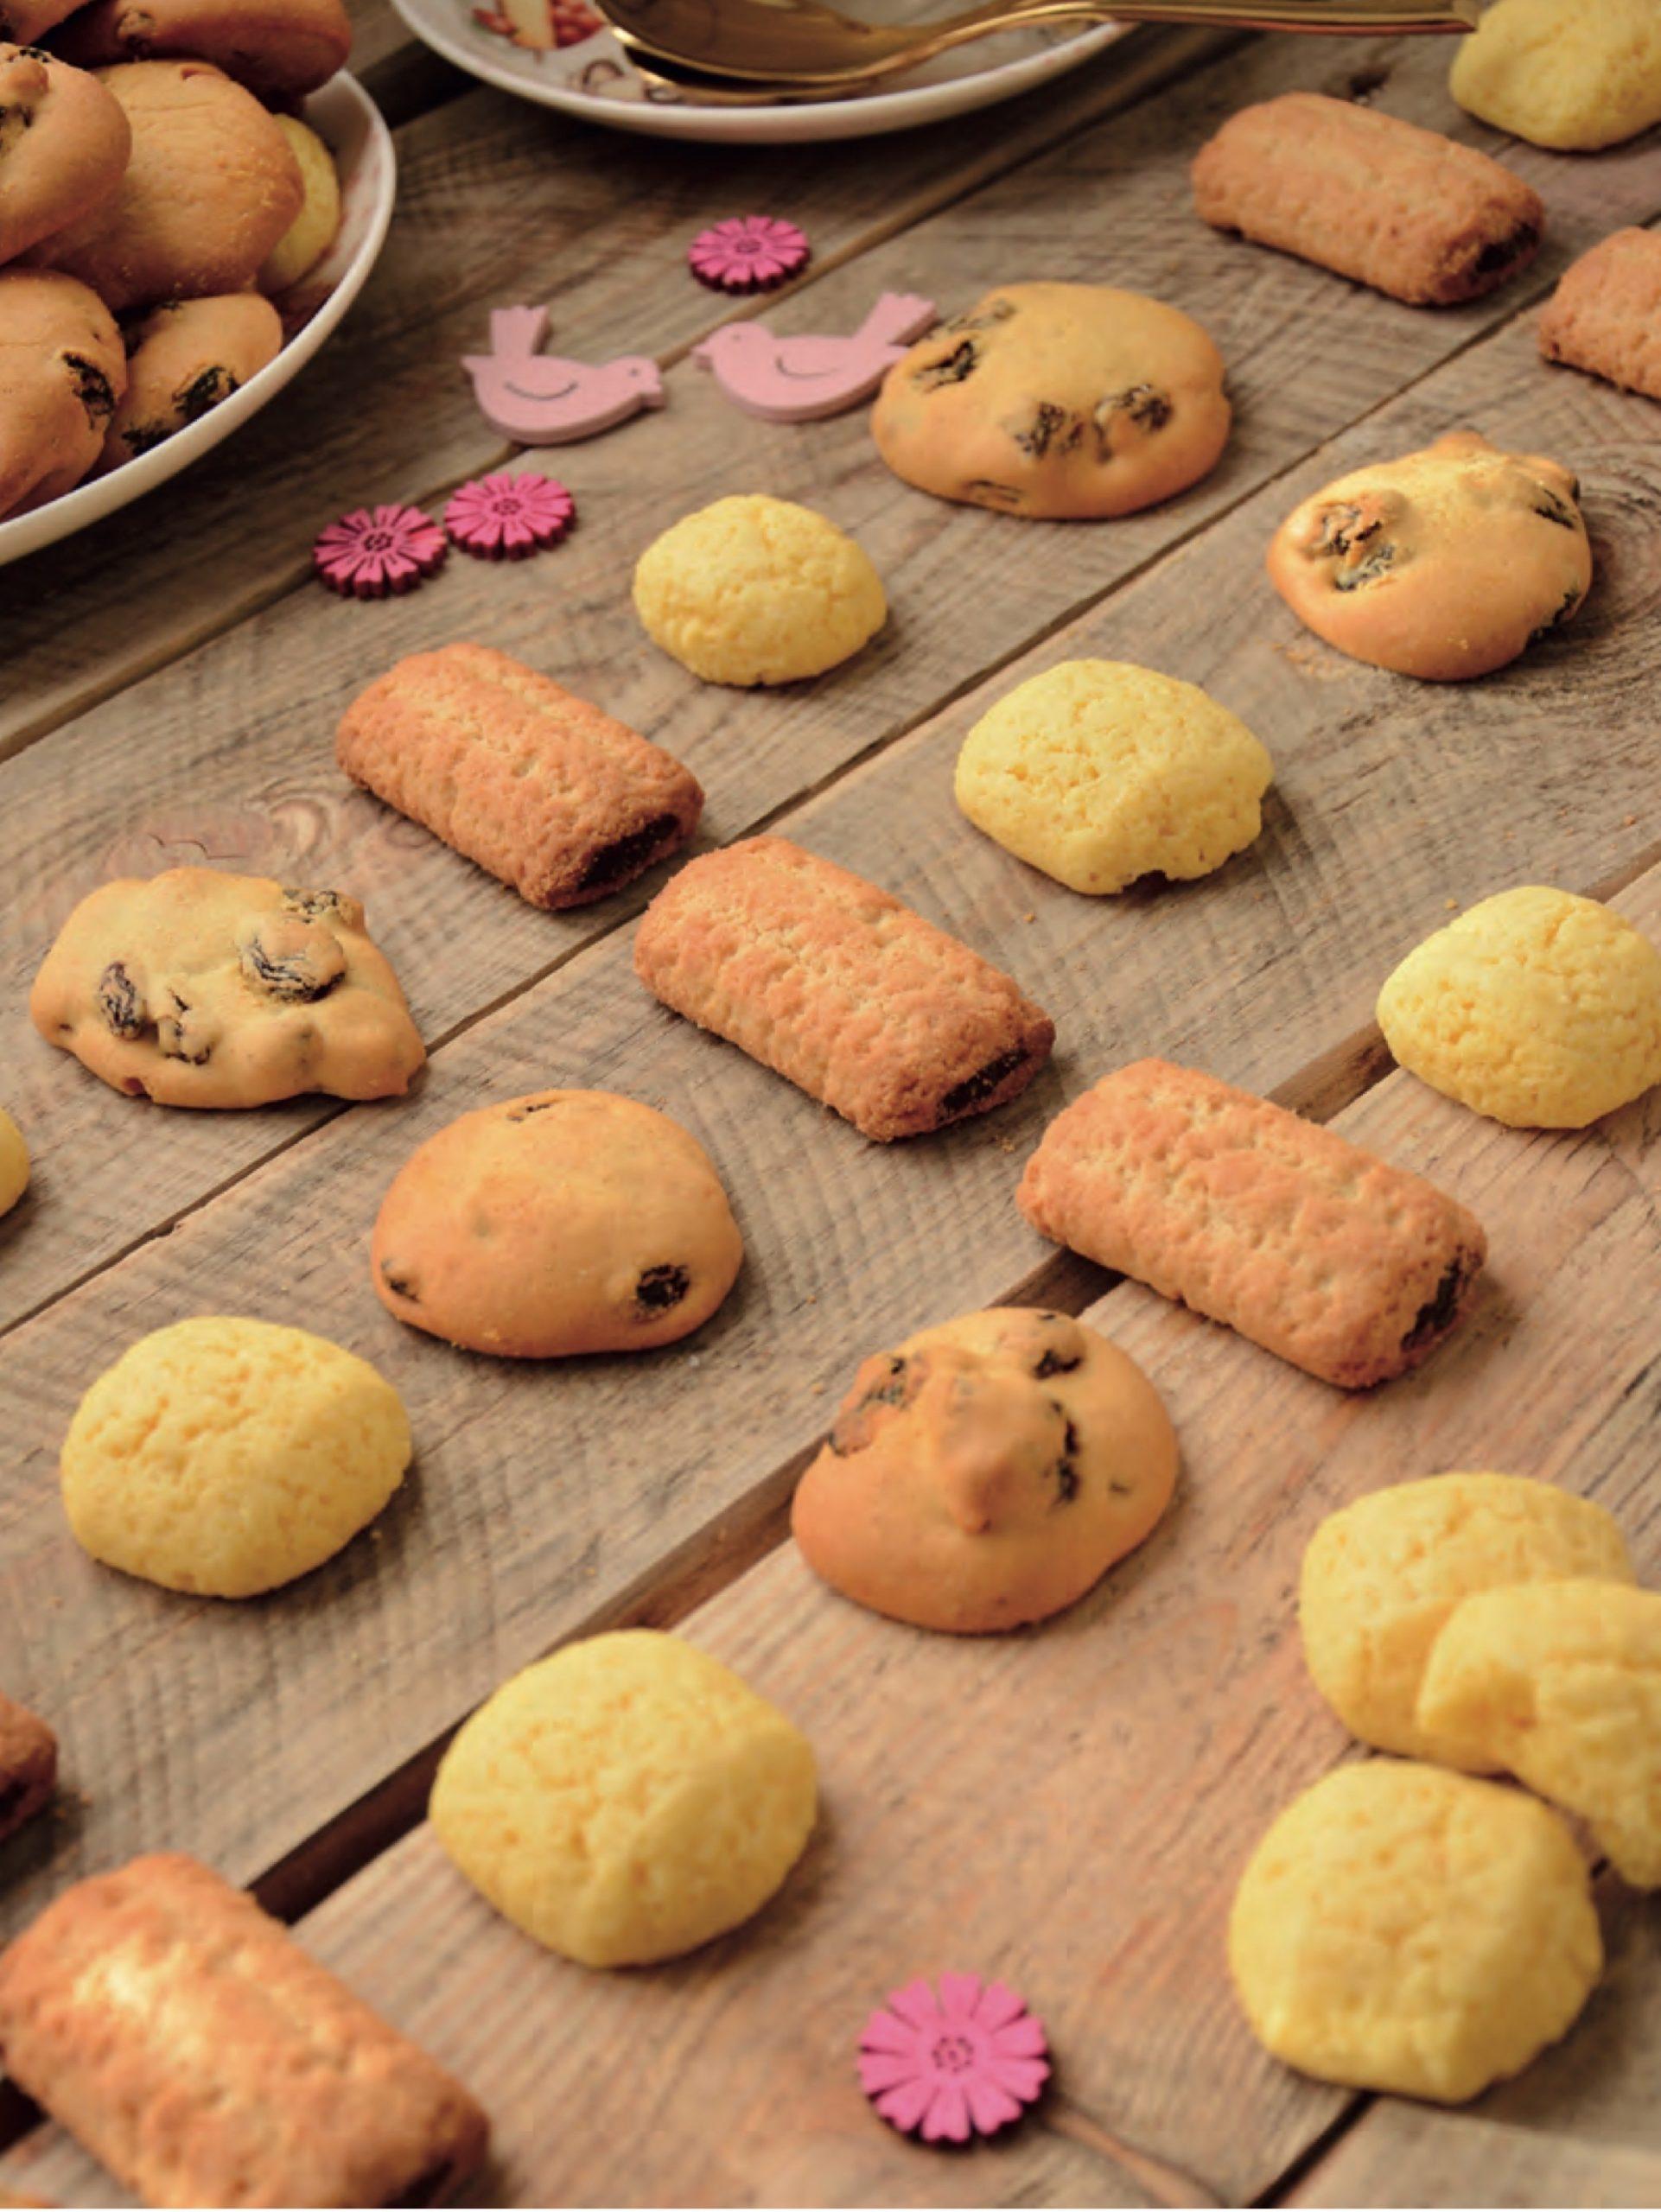 Piano di messa a fuoco diagonale - il piano focale è quello di mezzo, che coinvolge le tre tipologie di biscotti